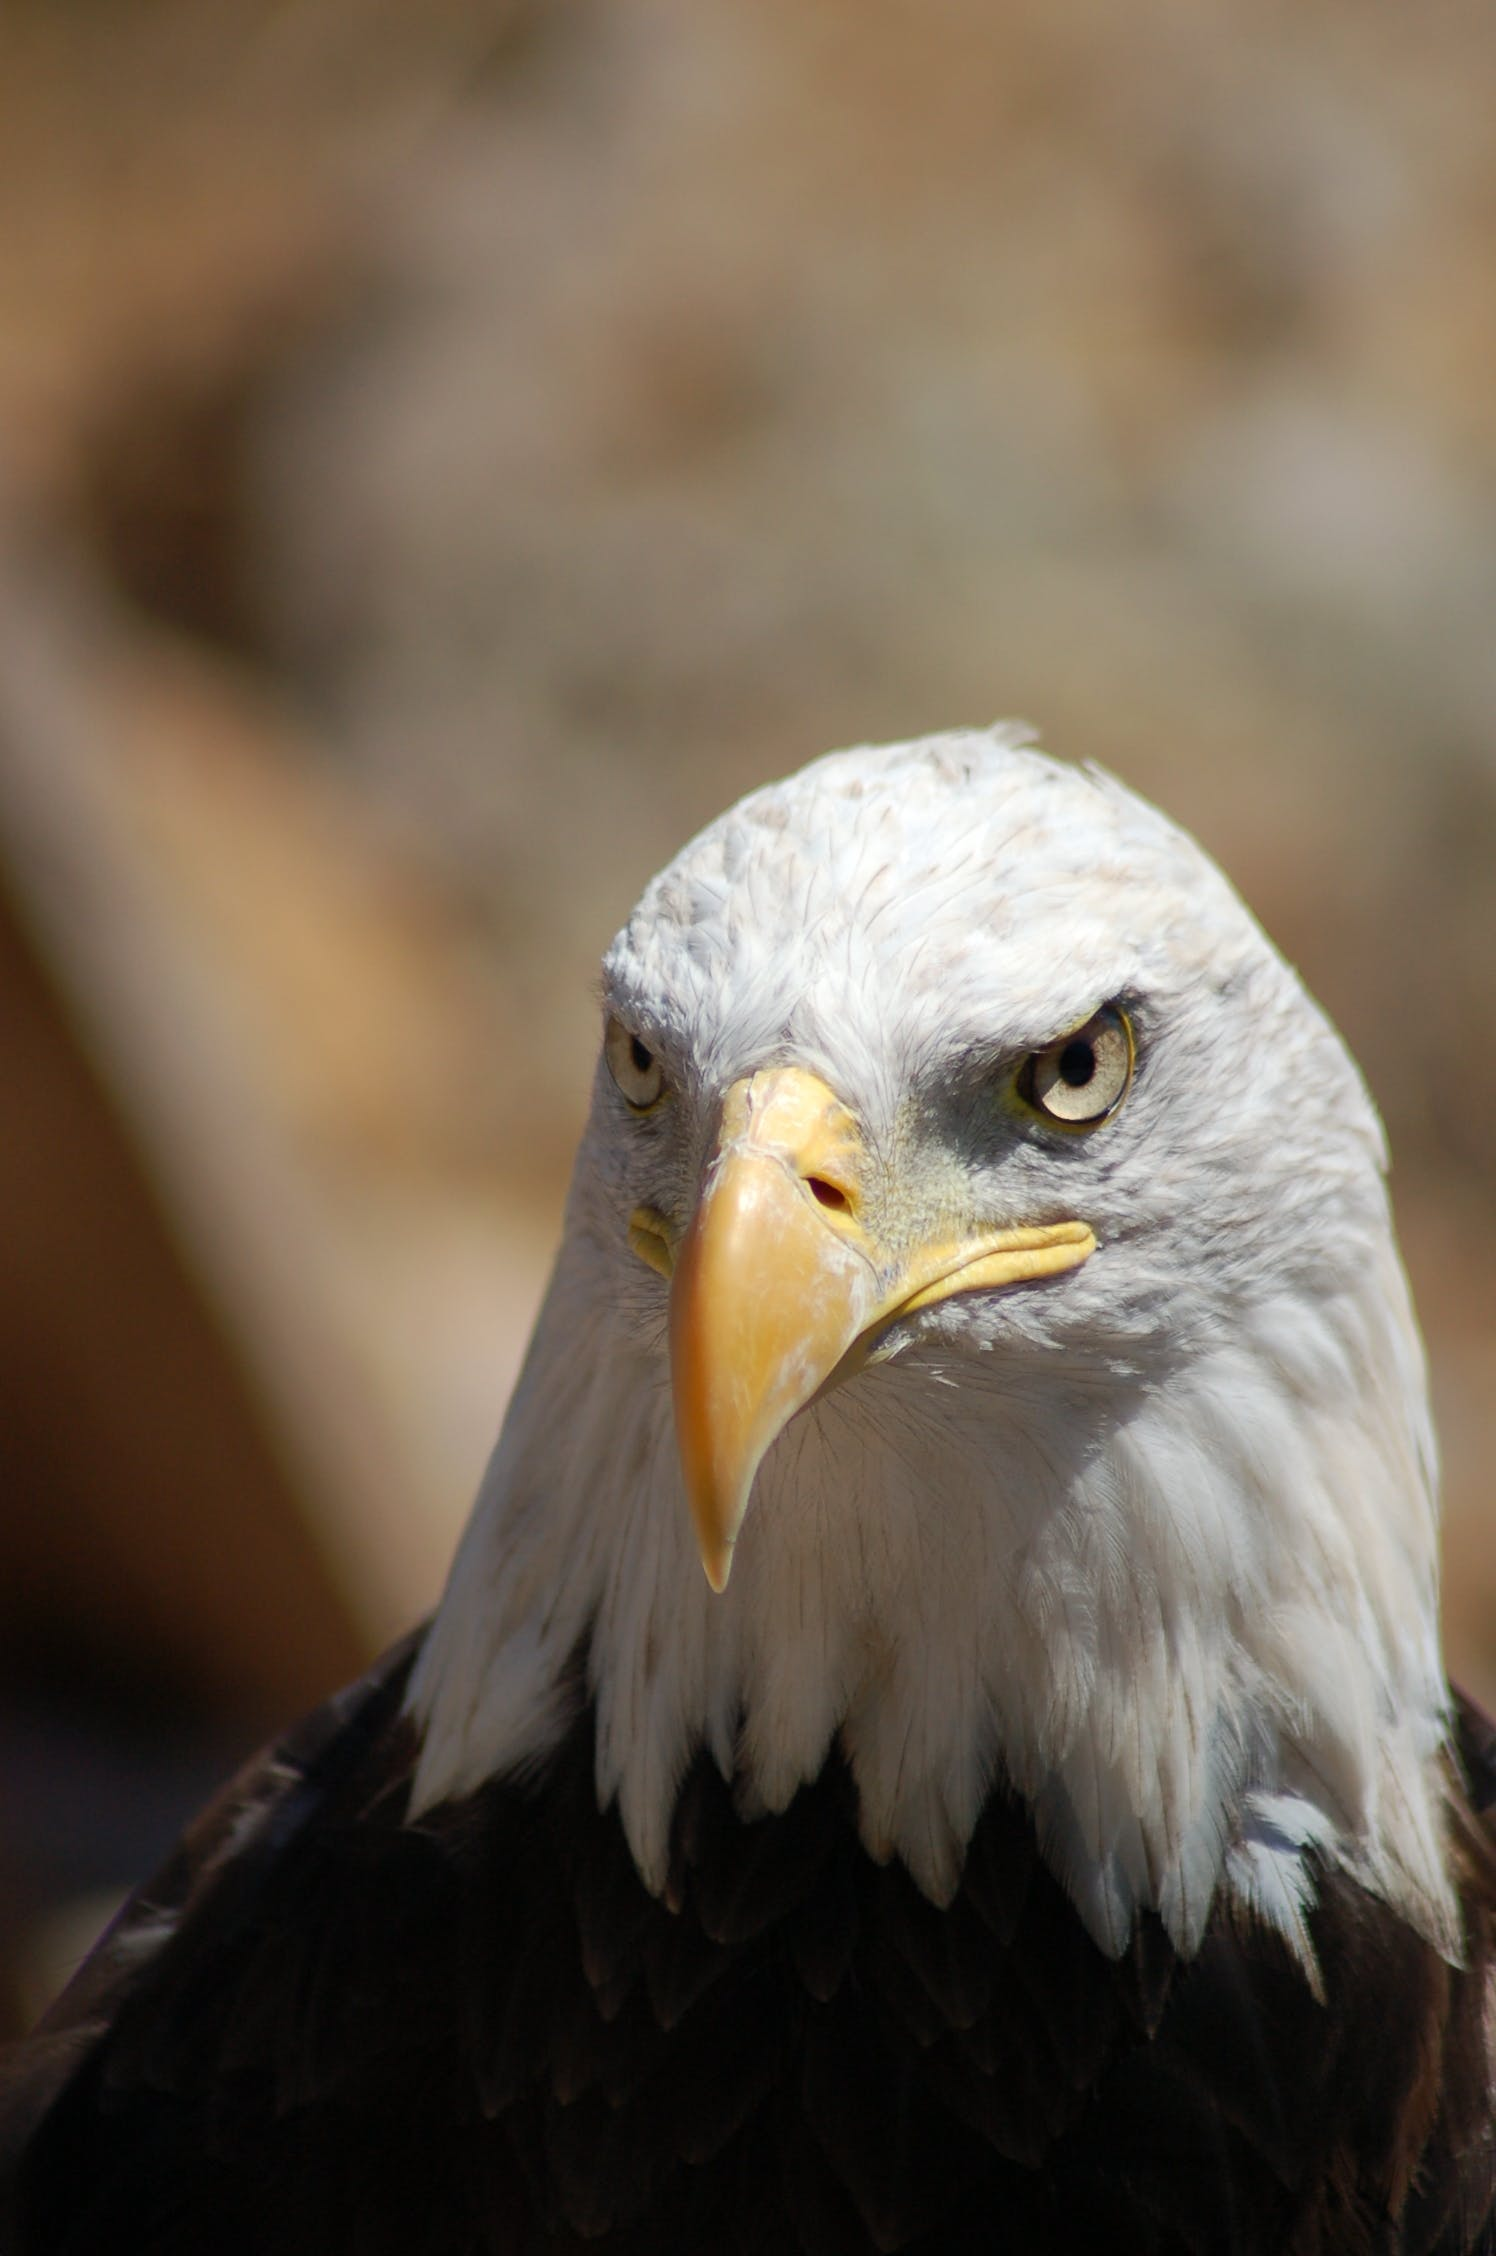 beak, bird, eagle